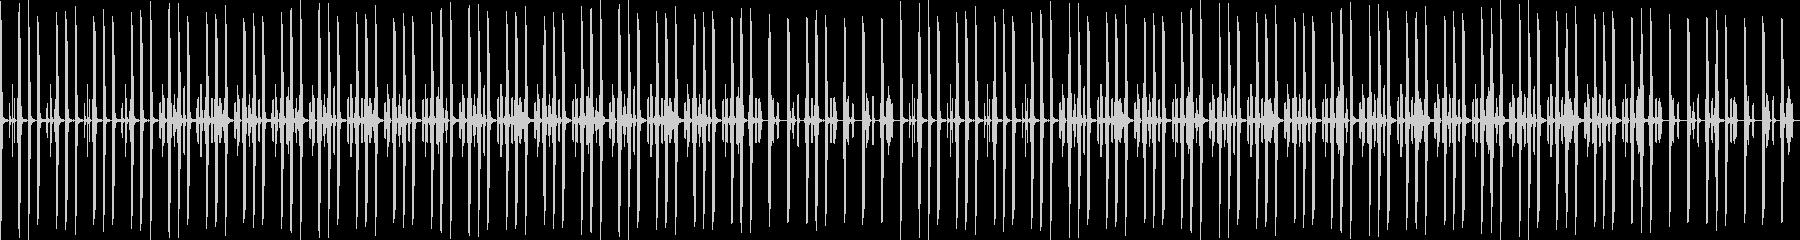 ほのぼの犬猫フルートBGM パターンFの未再生の波形